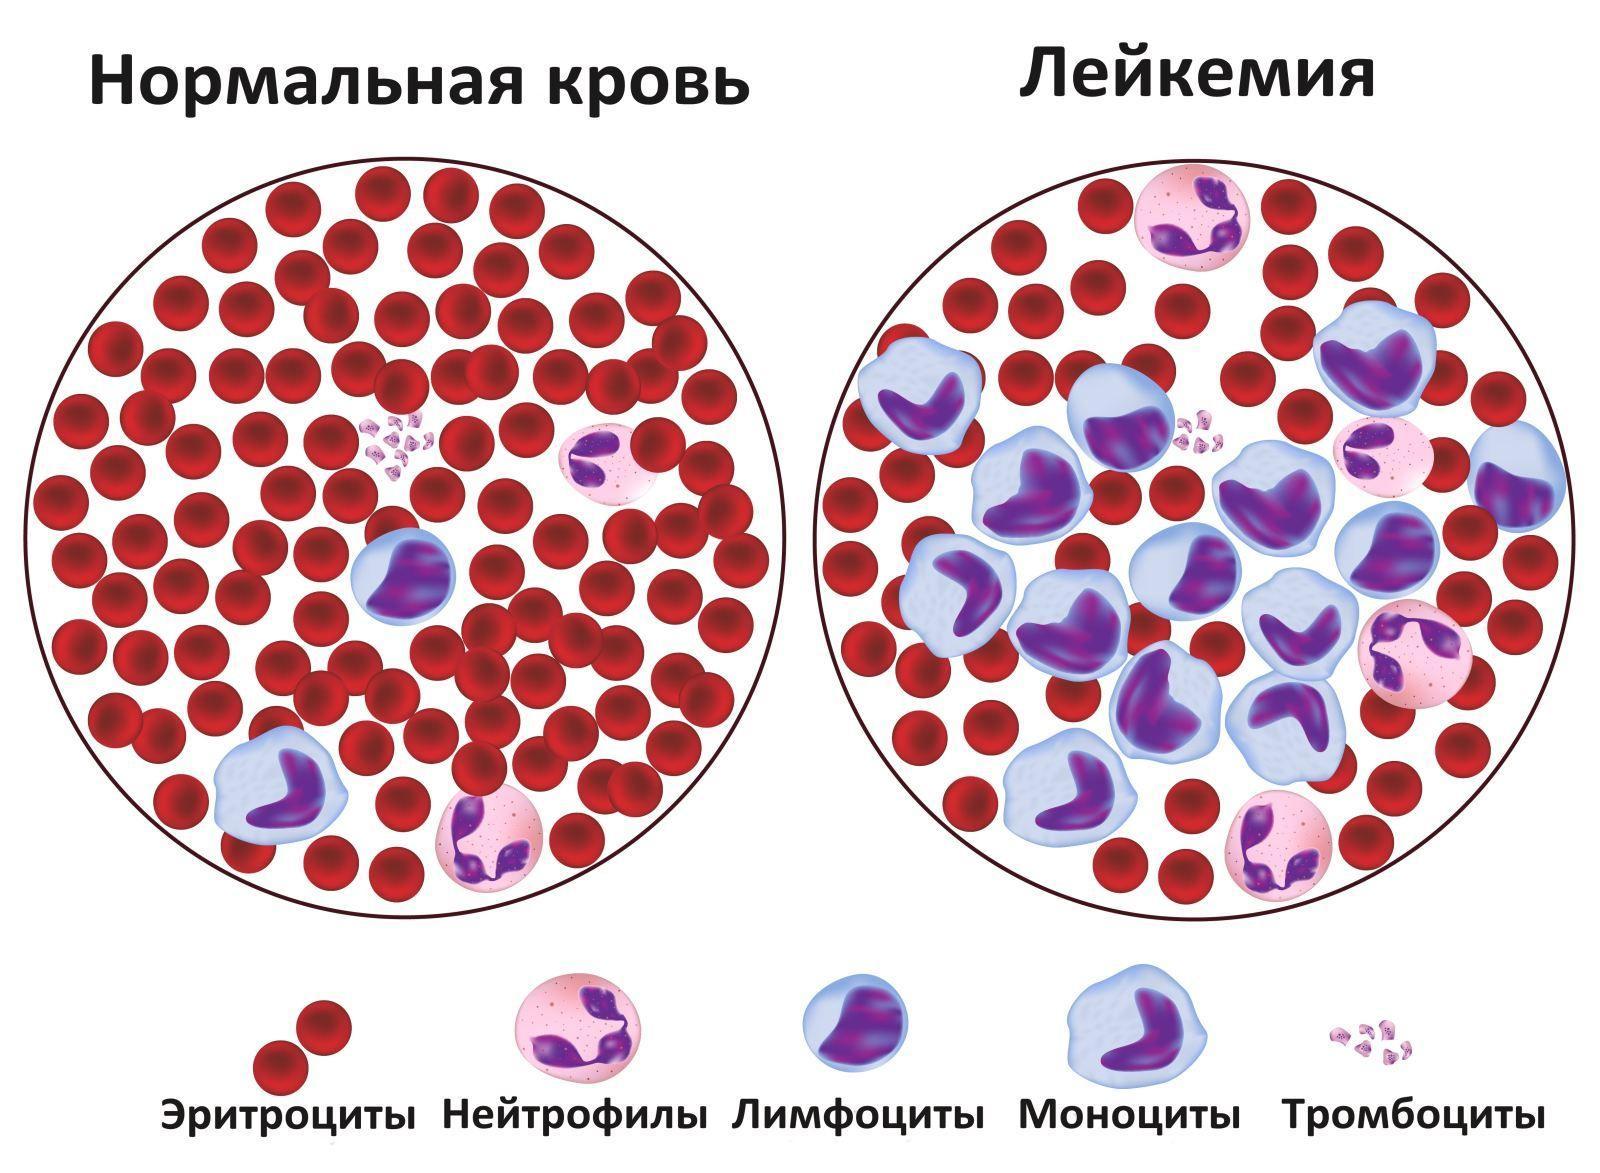 Как лейкемия приходит в мозг